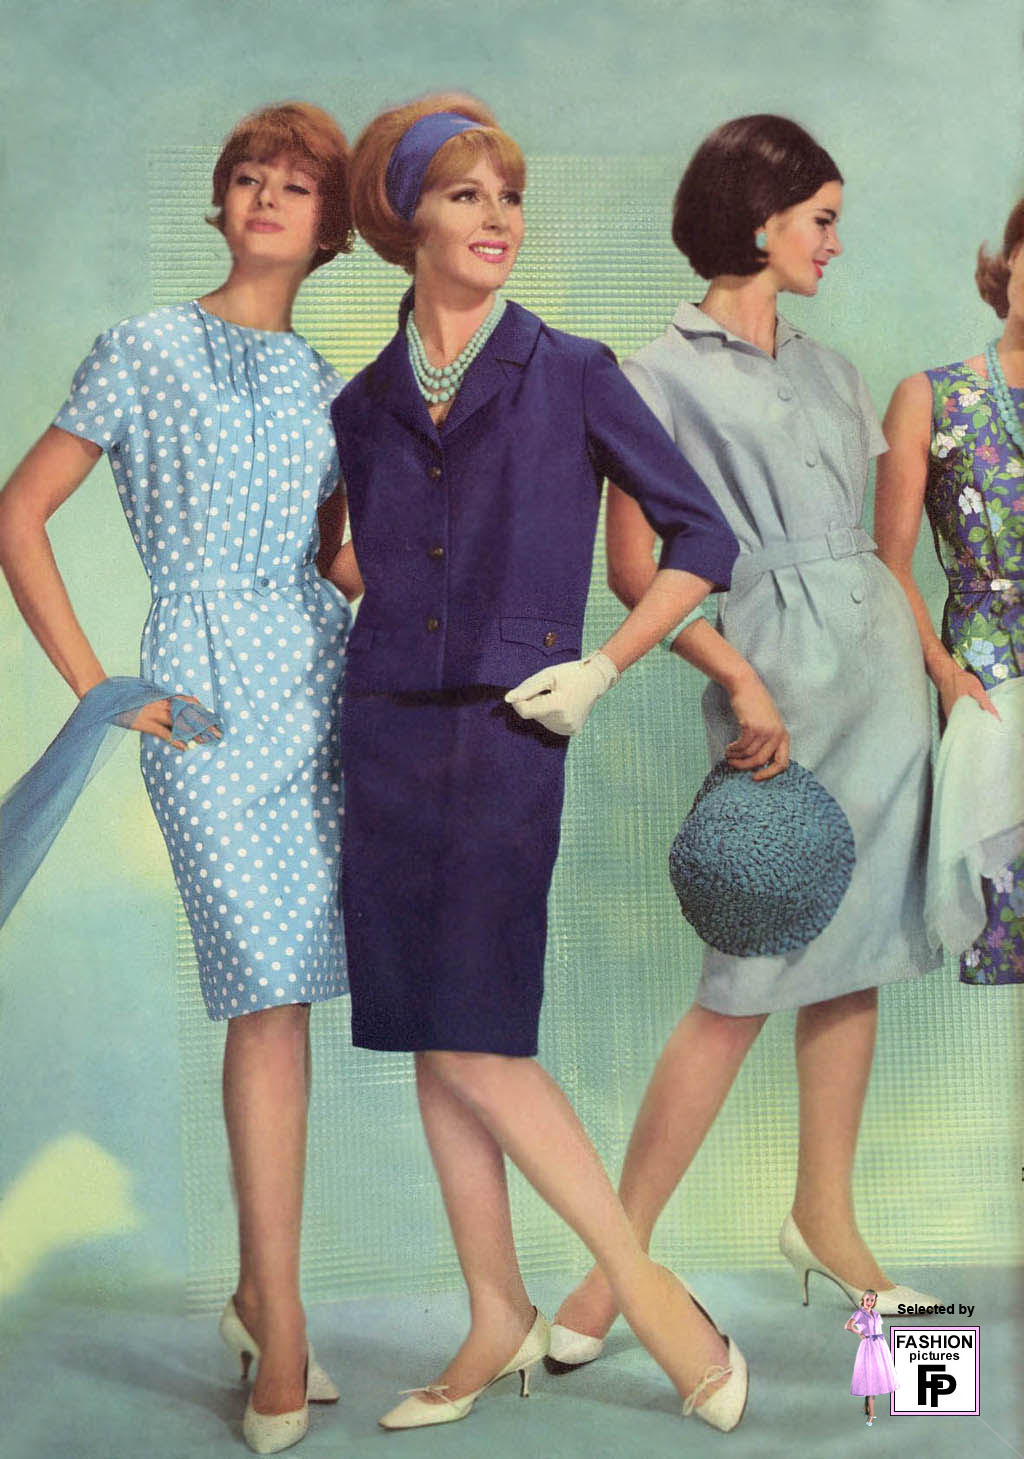 Брюки мода 50-х годов фото